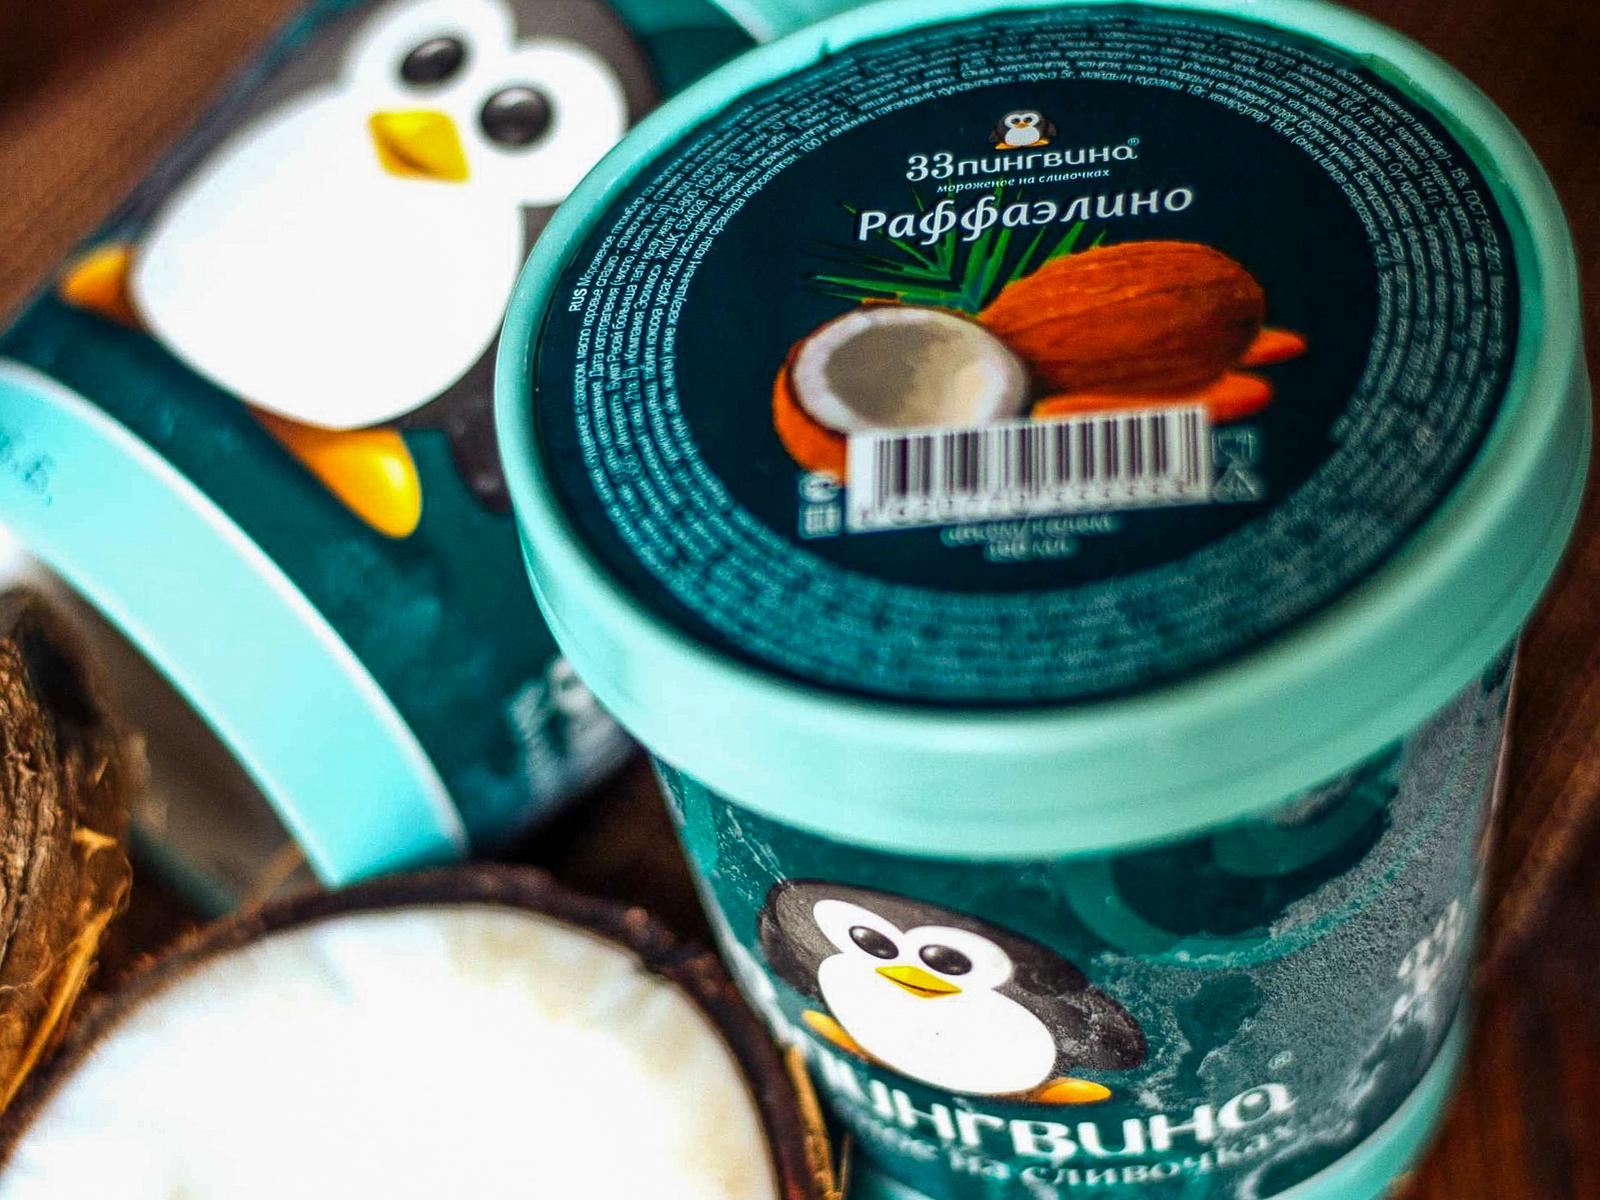 Мороженое Раффалино